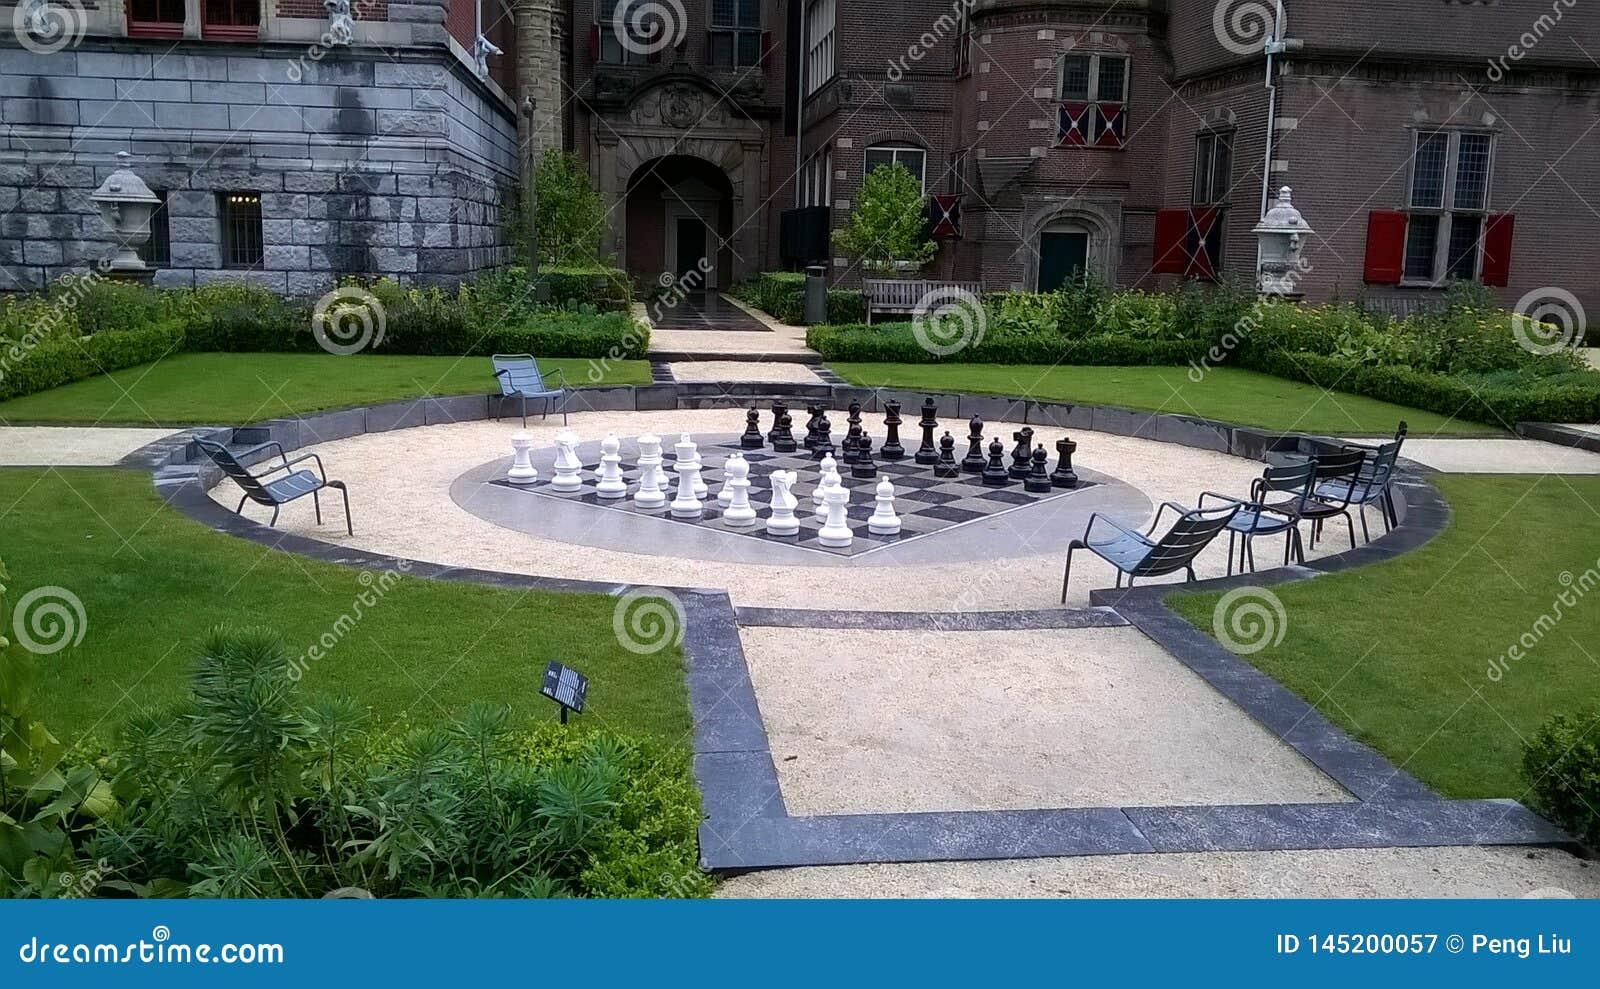 Schöner Park mit großem Schachbrett und -stücken